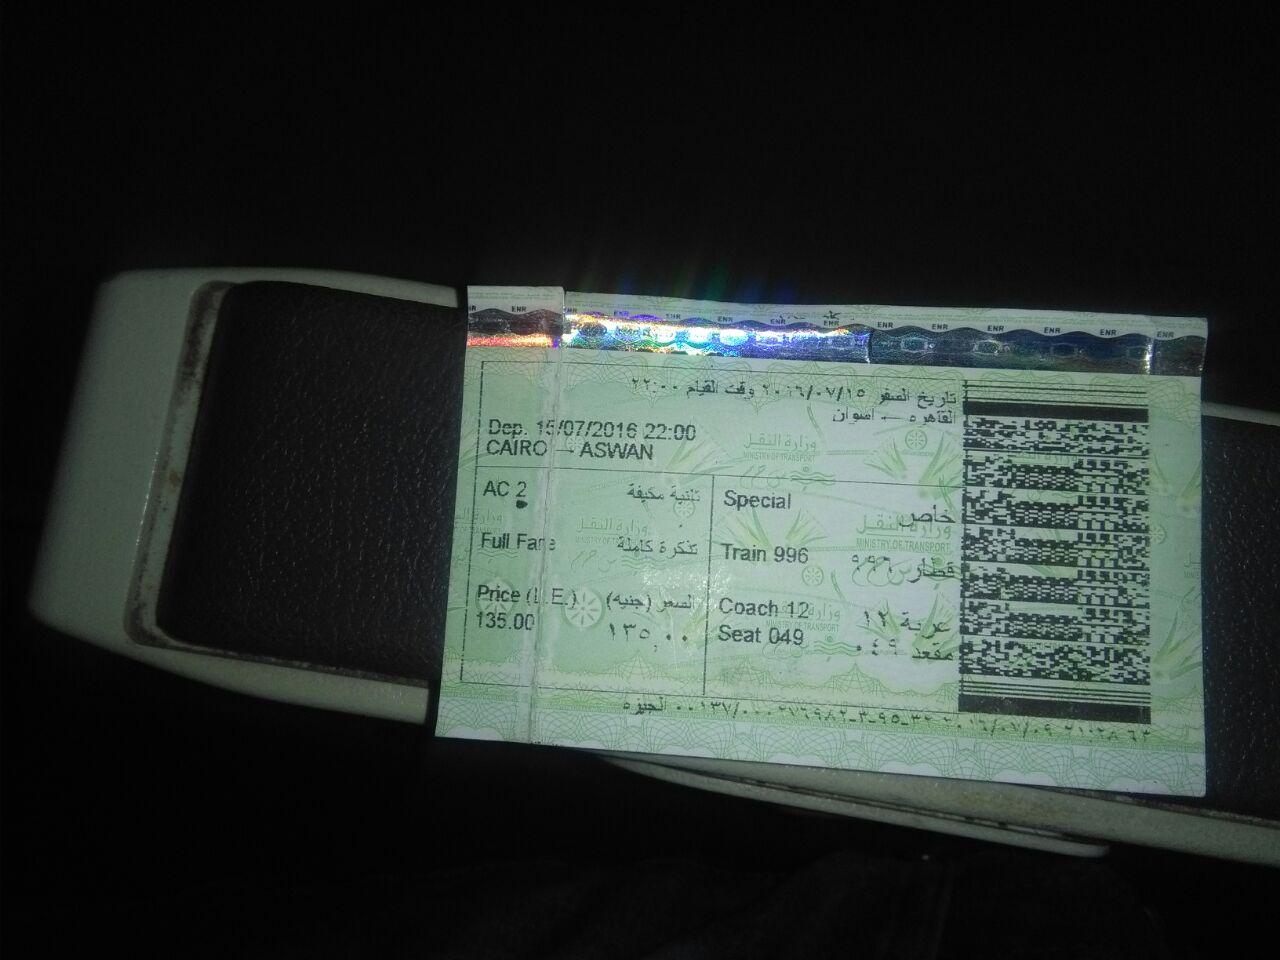 راكب يروي تجربته مع إهمال صيانة القطارات خلال رحلته من القاهرة إلى أسوان (صور)